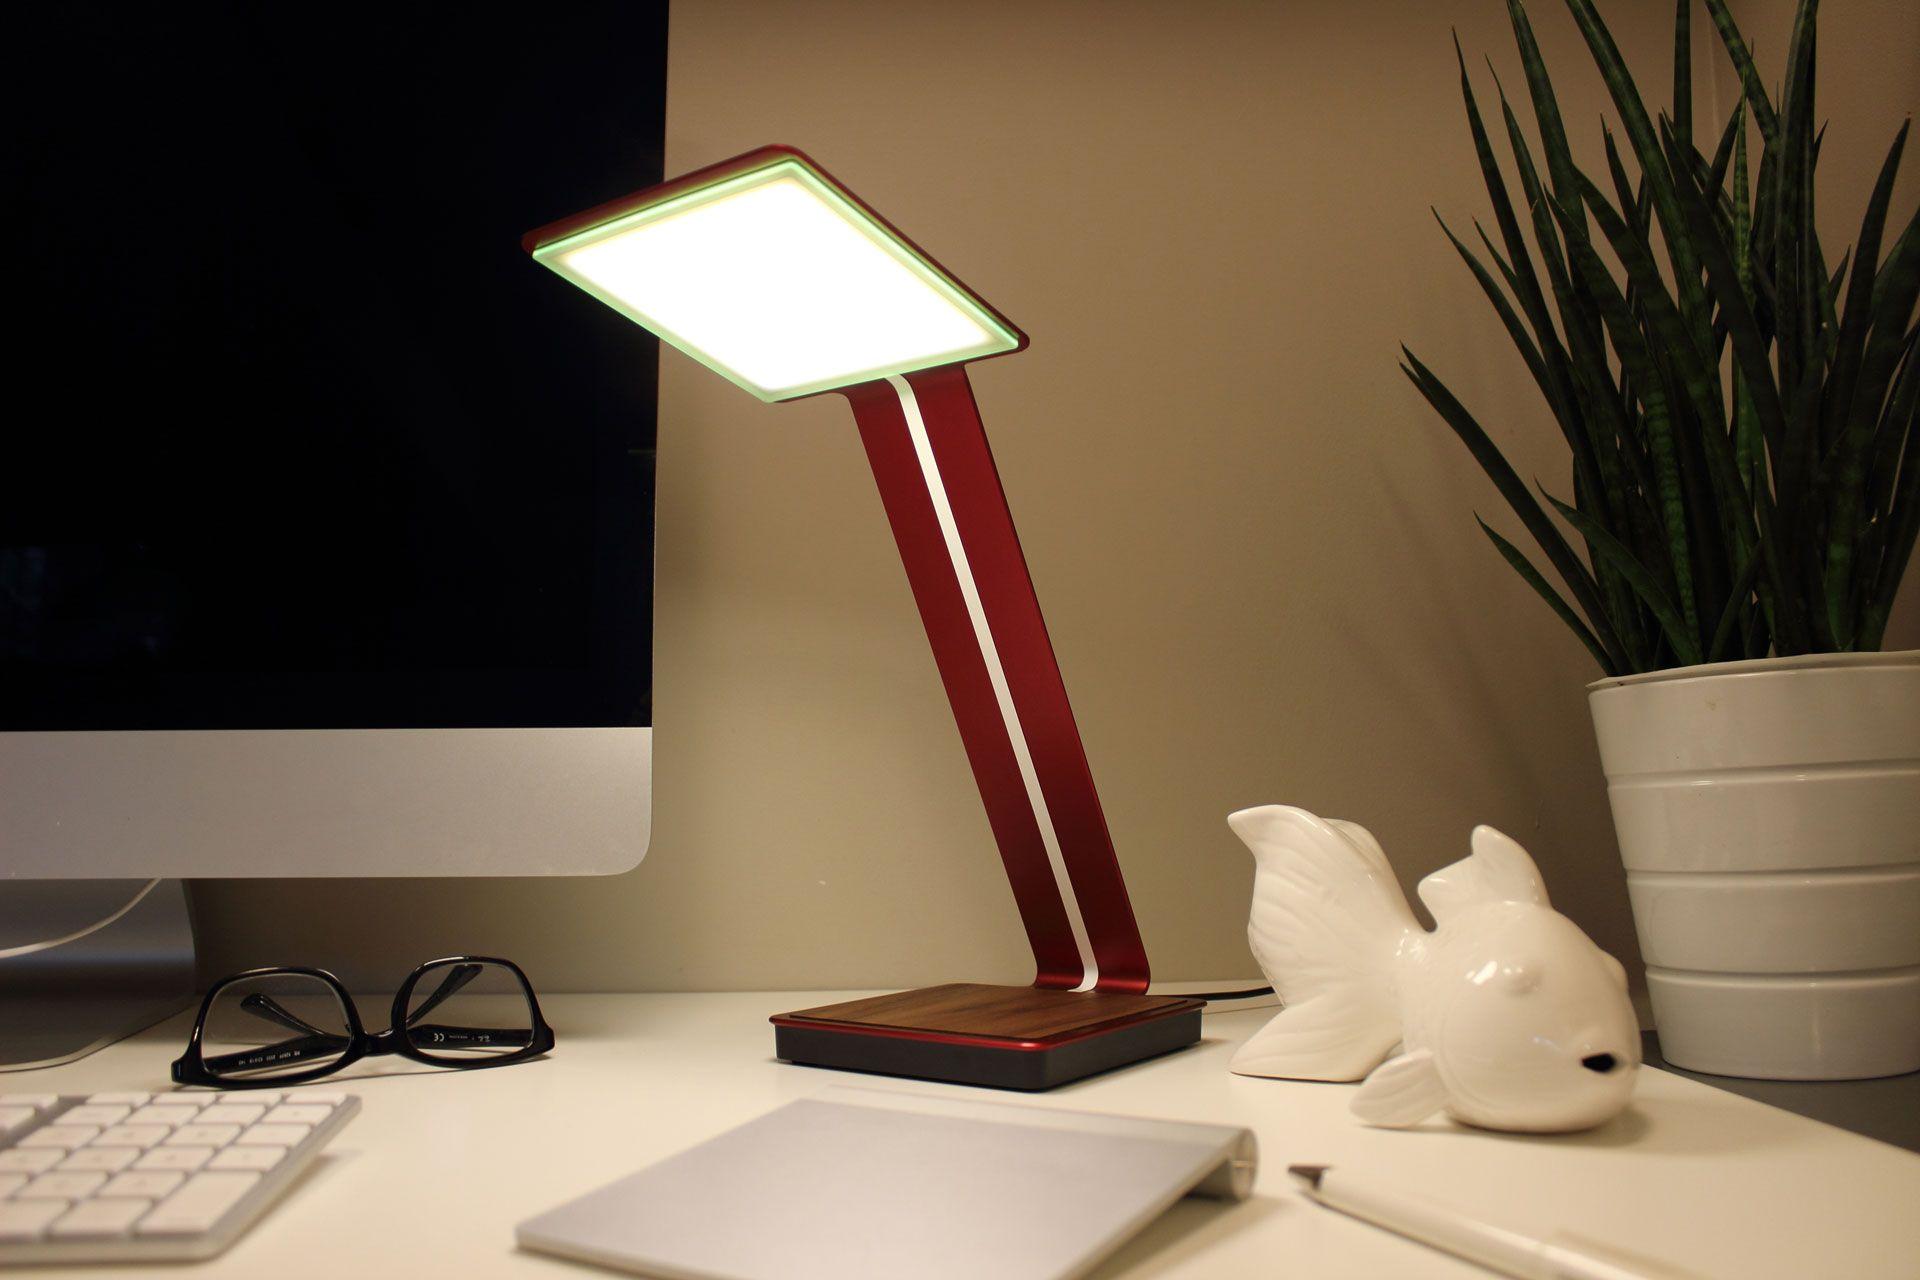 L illuminazione a pannelli oled la nuova tendenza nell